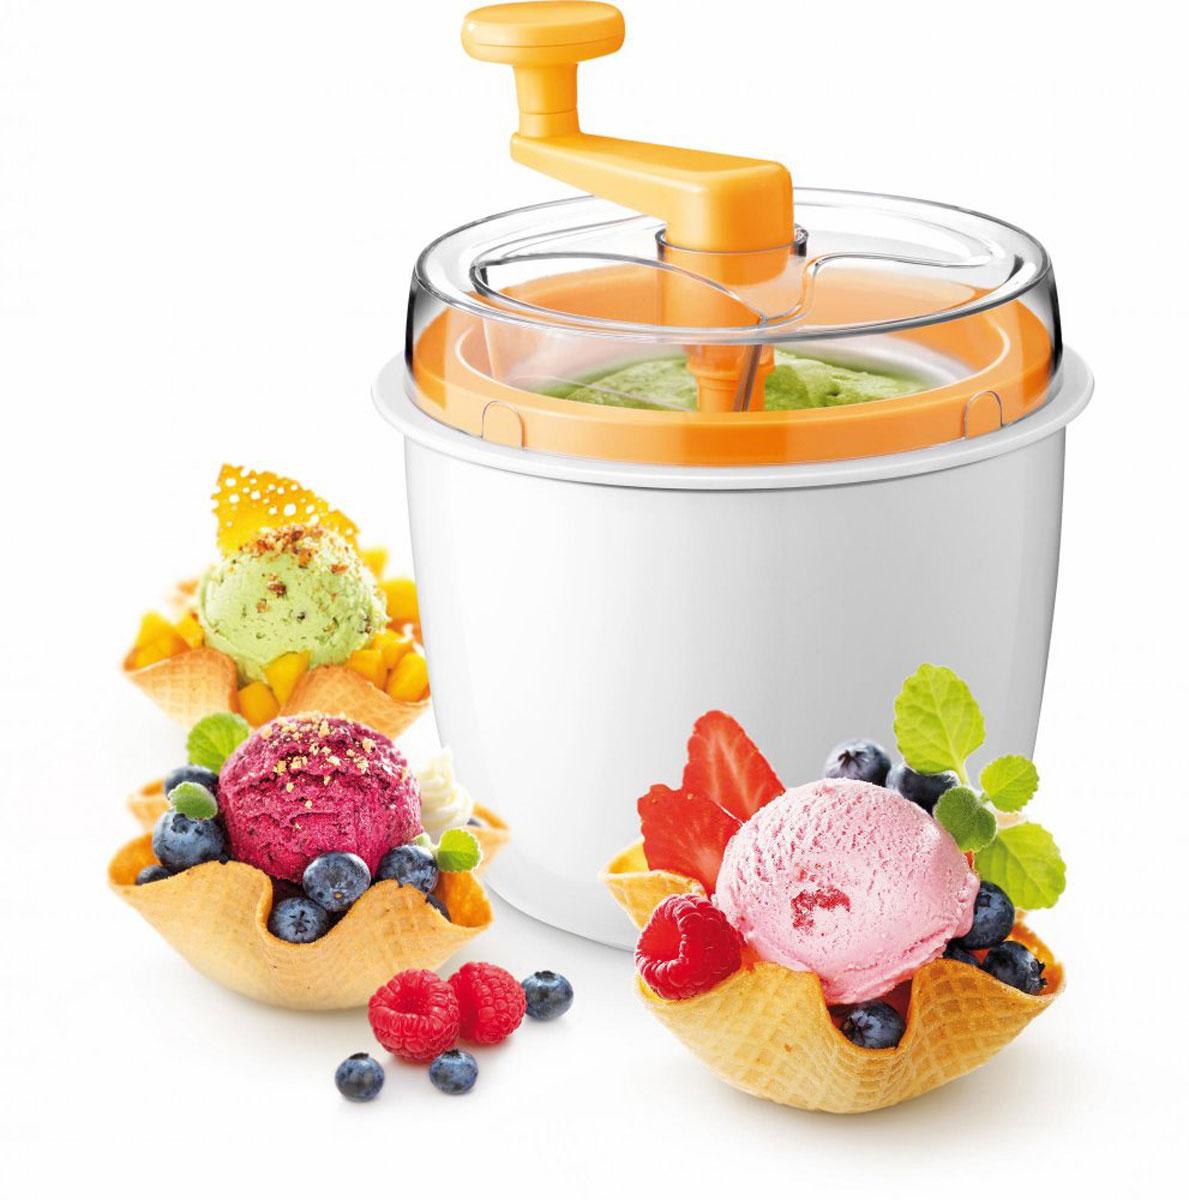 Приспособление для изготовления мороженого Tescoma Della Casa. 643180643180Приспособление Tescoma Della Casa отлично подходит для приготовления домашнего мороженого без консервантов, искусственных красителей и чрезмерных подсластителей. Приспособление для изготовления мороженого изготовлено из прочного высококачественного пластика, внутренний контейнер изготовлен из безопасного материала (алюминия).Рецепты приготовления домашнего мороженого, фруктового мороженого, шоколадного, творожного или йогуртного мороженого и сорбета прилагаются в комплекте.Все пластмассовые детали приспособления пригодны для мытья в посудомоечной машине. Контейнер для замораживания c охладителем необходимо промывать под проточной водой и высушивать. Контейнер не пригоден для мытья в посудомоечной машине.Объем контейнера: 600 мл. Размер приспособления: 16 х 16 х 23 см.